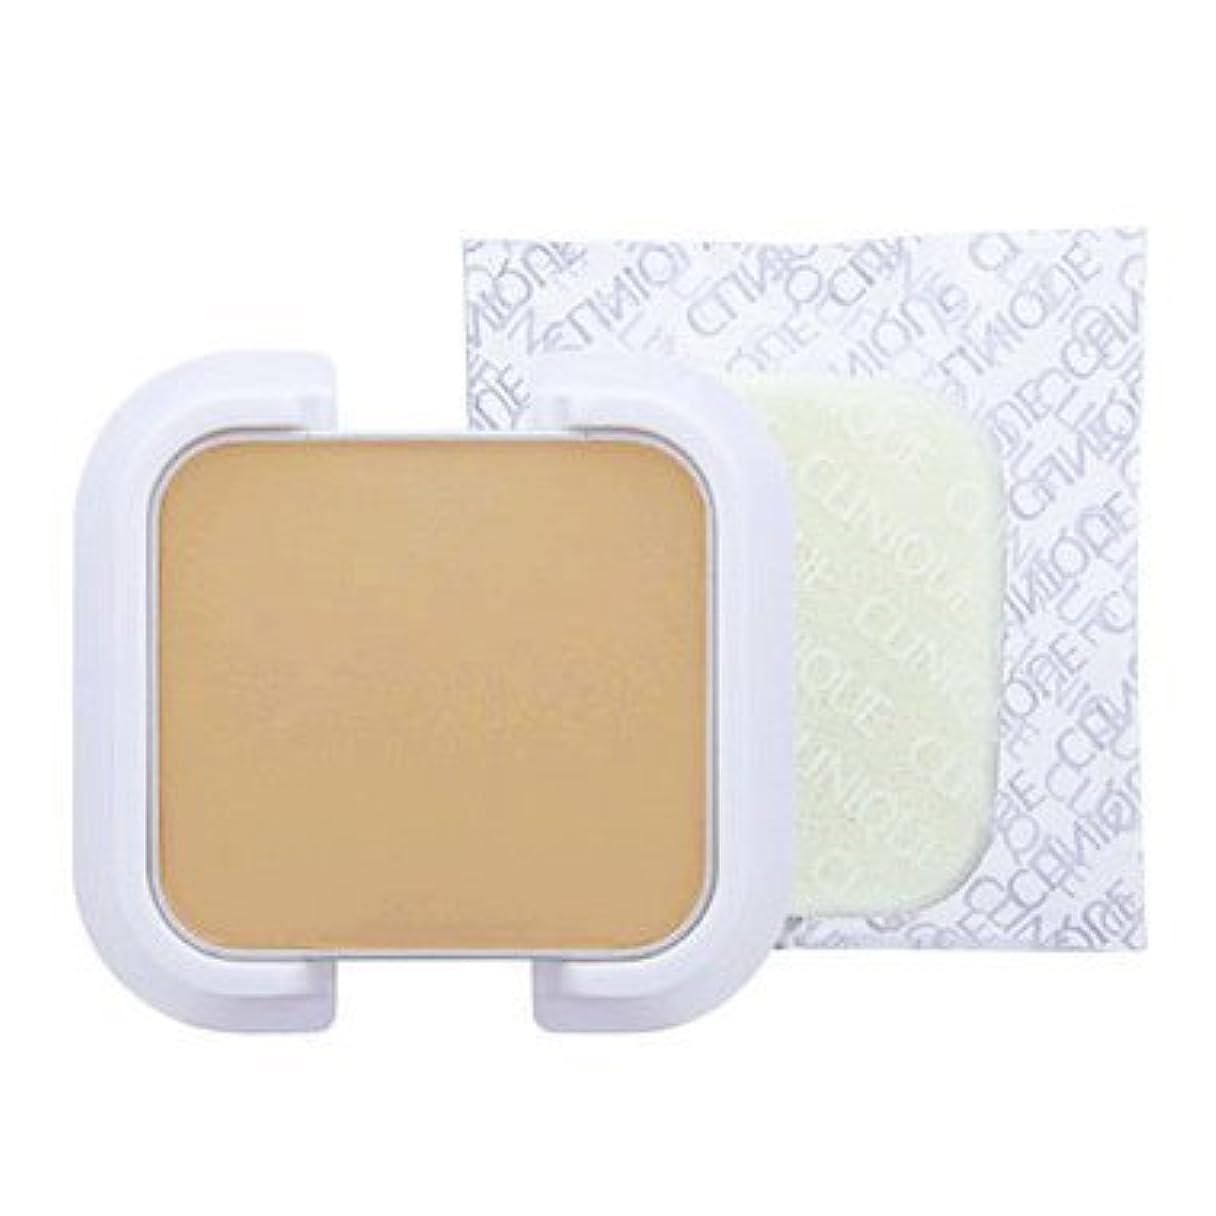 許さないコミットエラーCLINIQUE クリニーク イーブン ベター パウダー メークアップ ウォーター ヴェール 27 (リフィル) #64 cream beige SPF27/PA+++ 10g [並行輸入品]